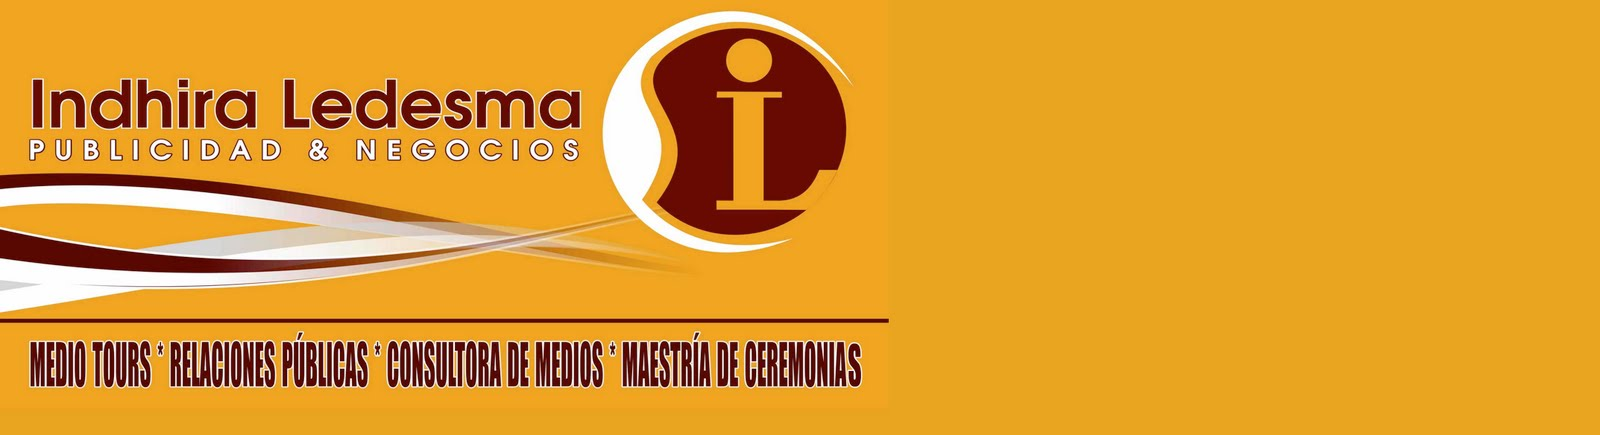 Indhira Publicidad & Negocios